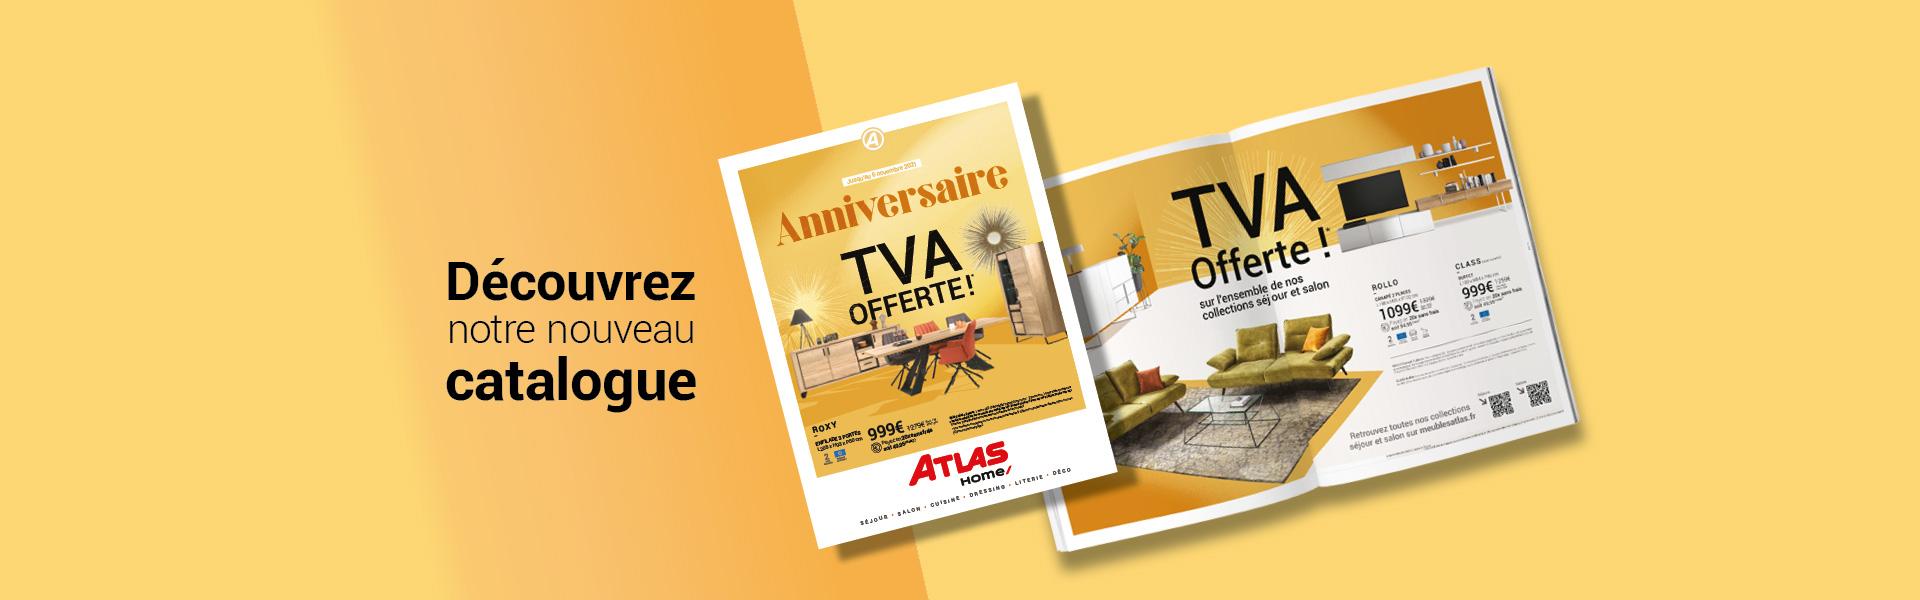 Catalogue_anniversaire